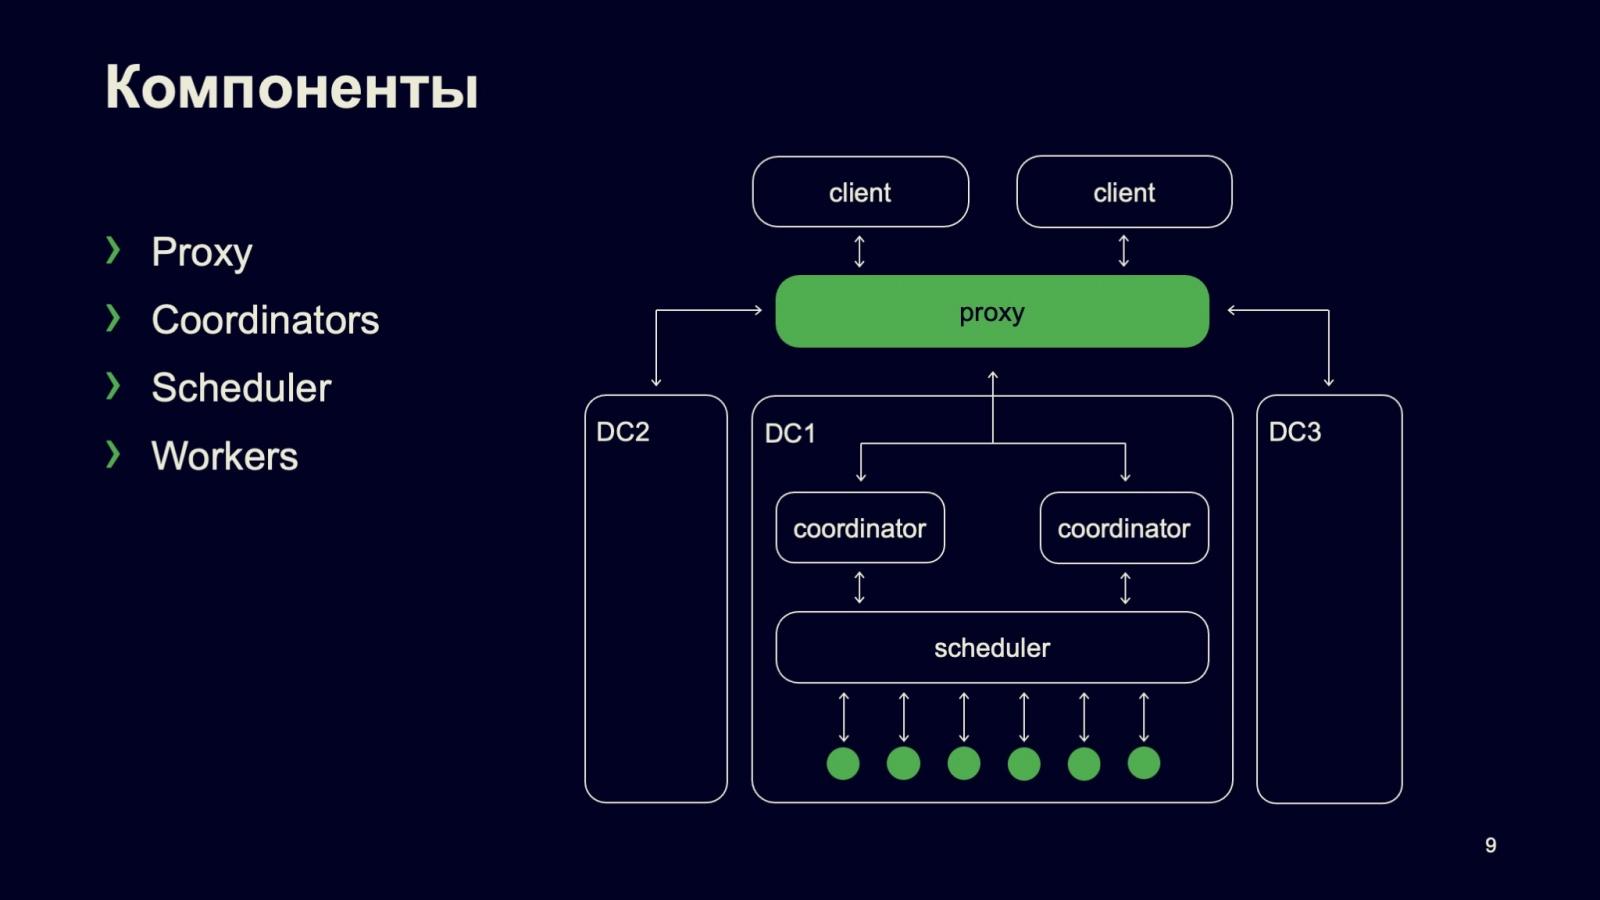 Сборка и тестирование в монорепозитории: кластер распределённой сборки DistBuild. Доклад Яндекса - 6